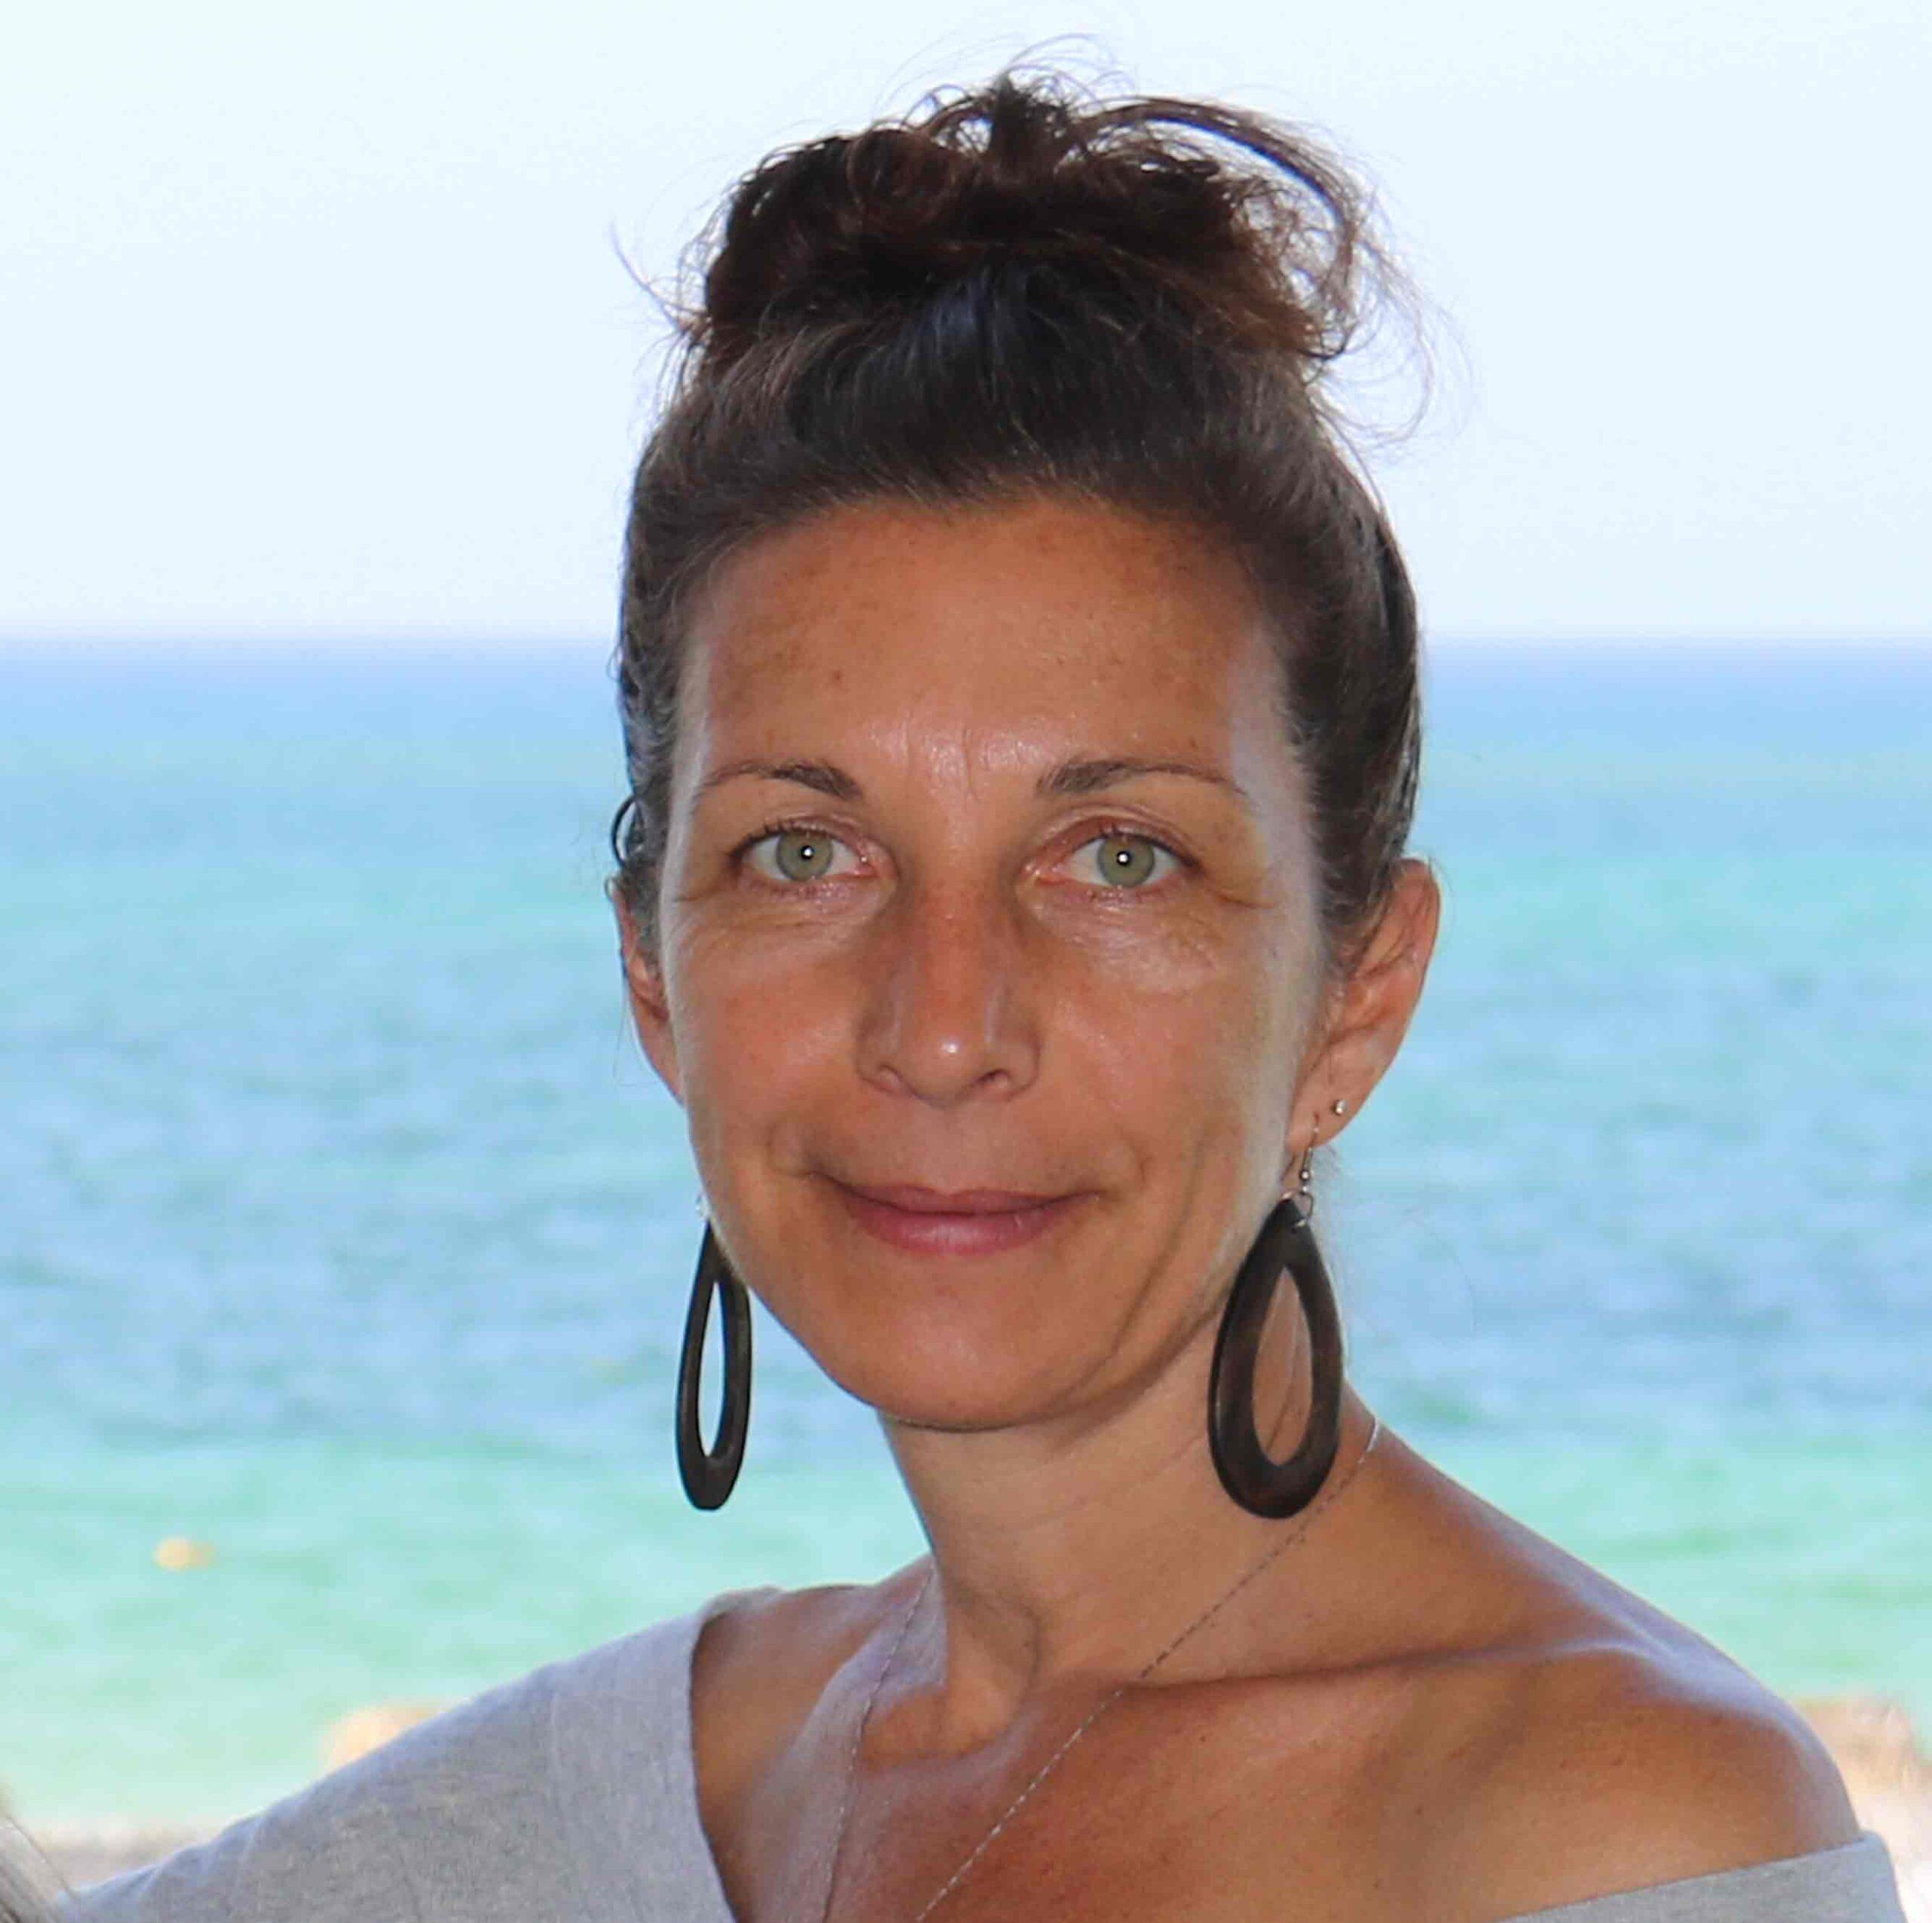 https://www.samuelsigns.com/fr/langue-des-signes-avec-samuel-signes-blogueuse-eugenie-miron-profil/